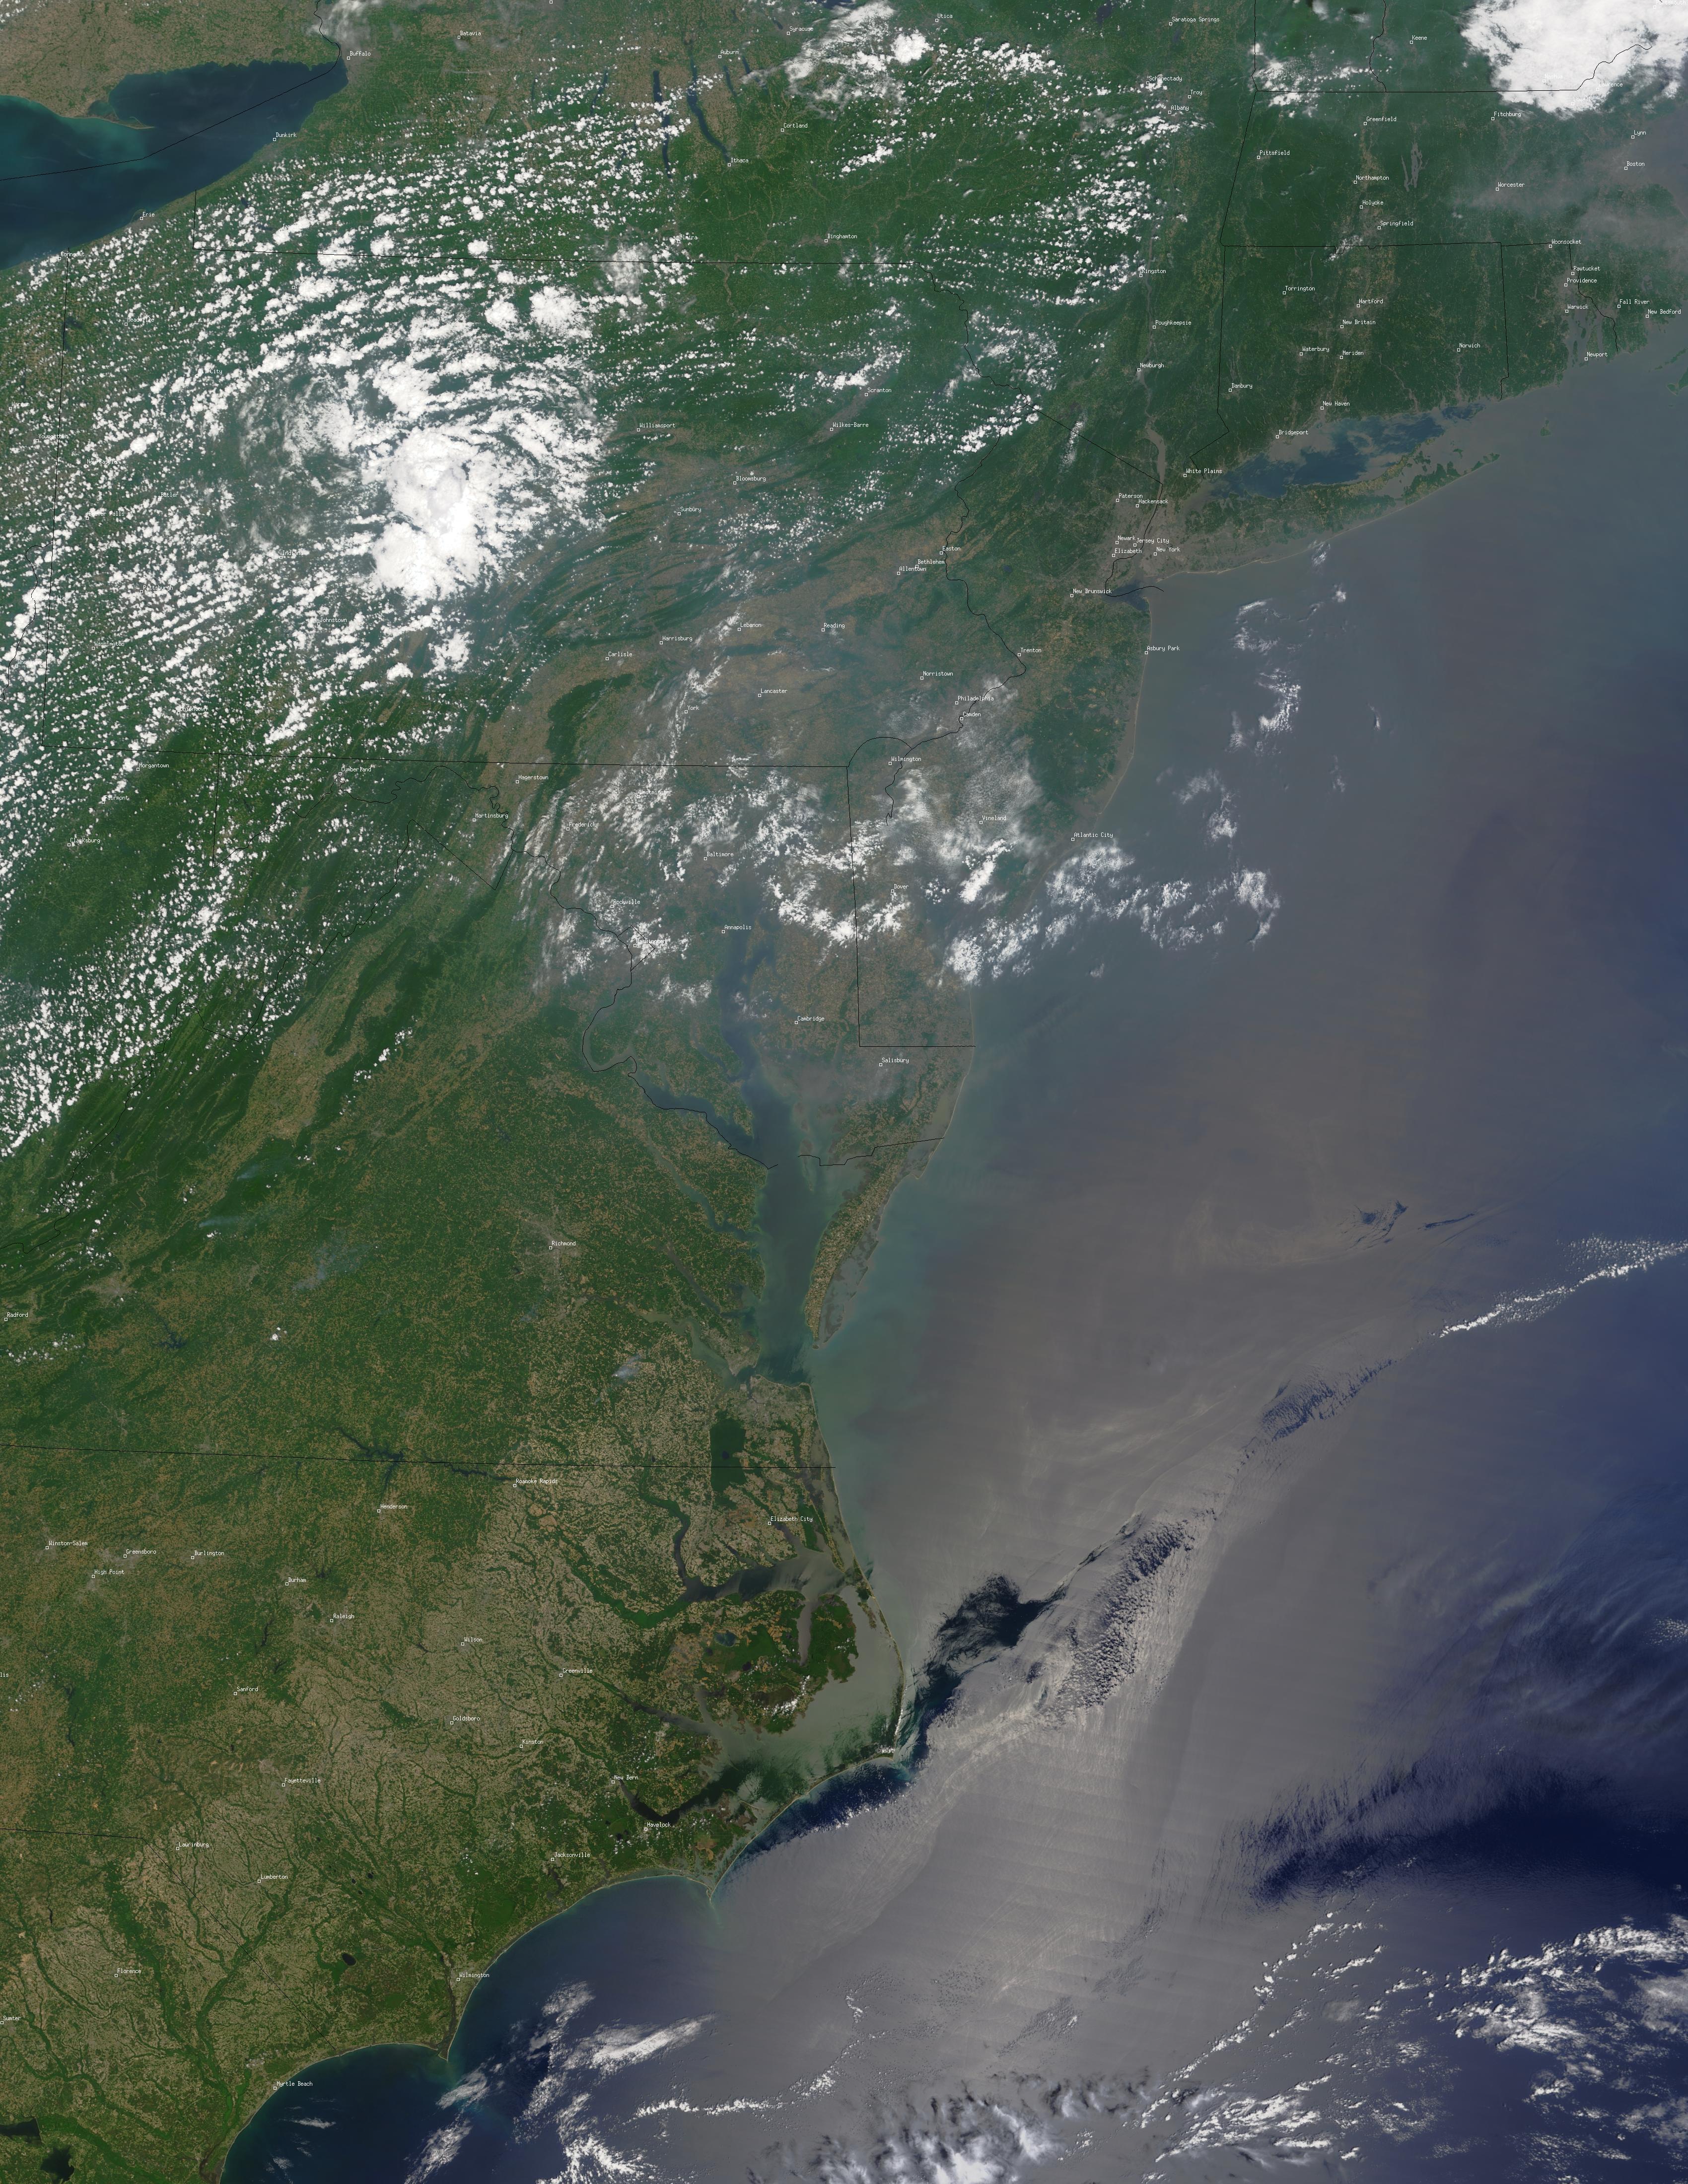 Alerta roja de calidad del aire para los estados del Mid-Atlantic